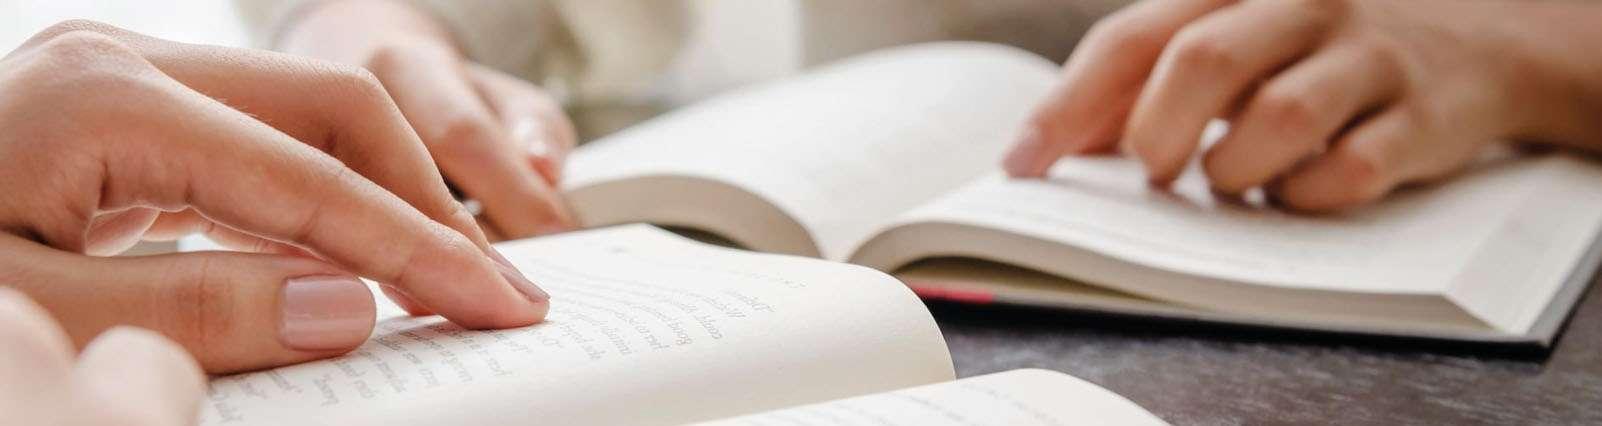 Novos desafios da educação - Artigo de Ary Célio de Oliveria